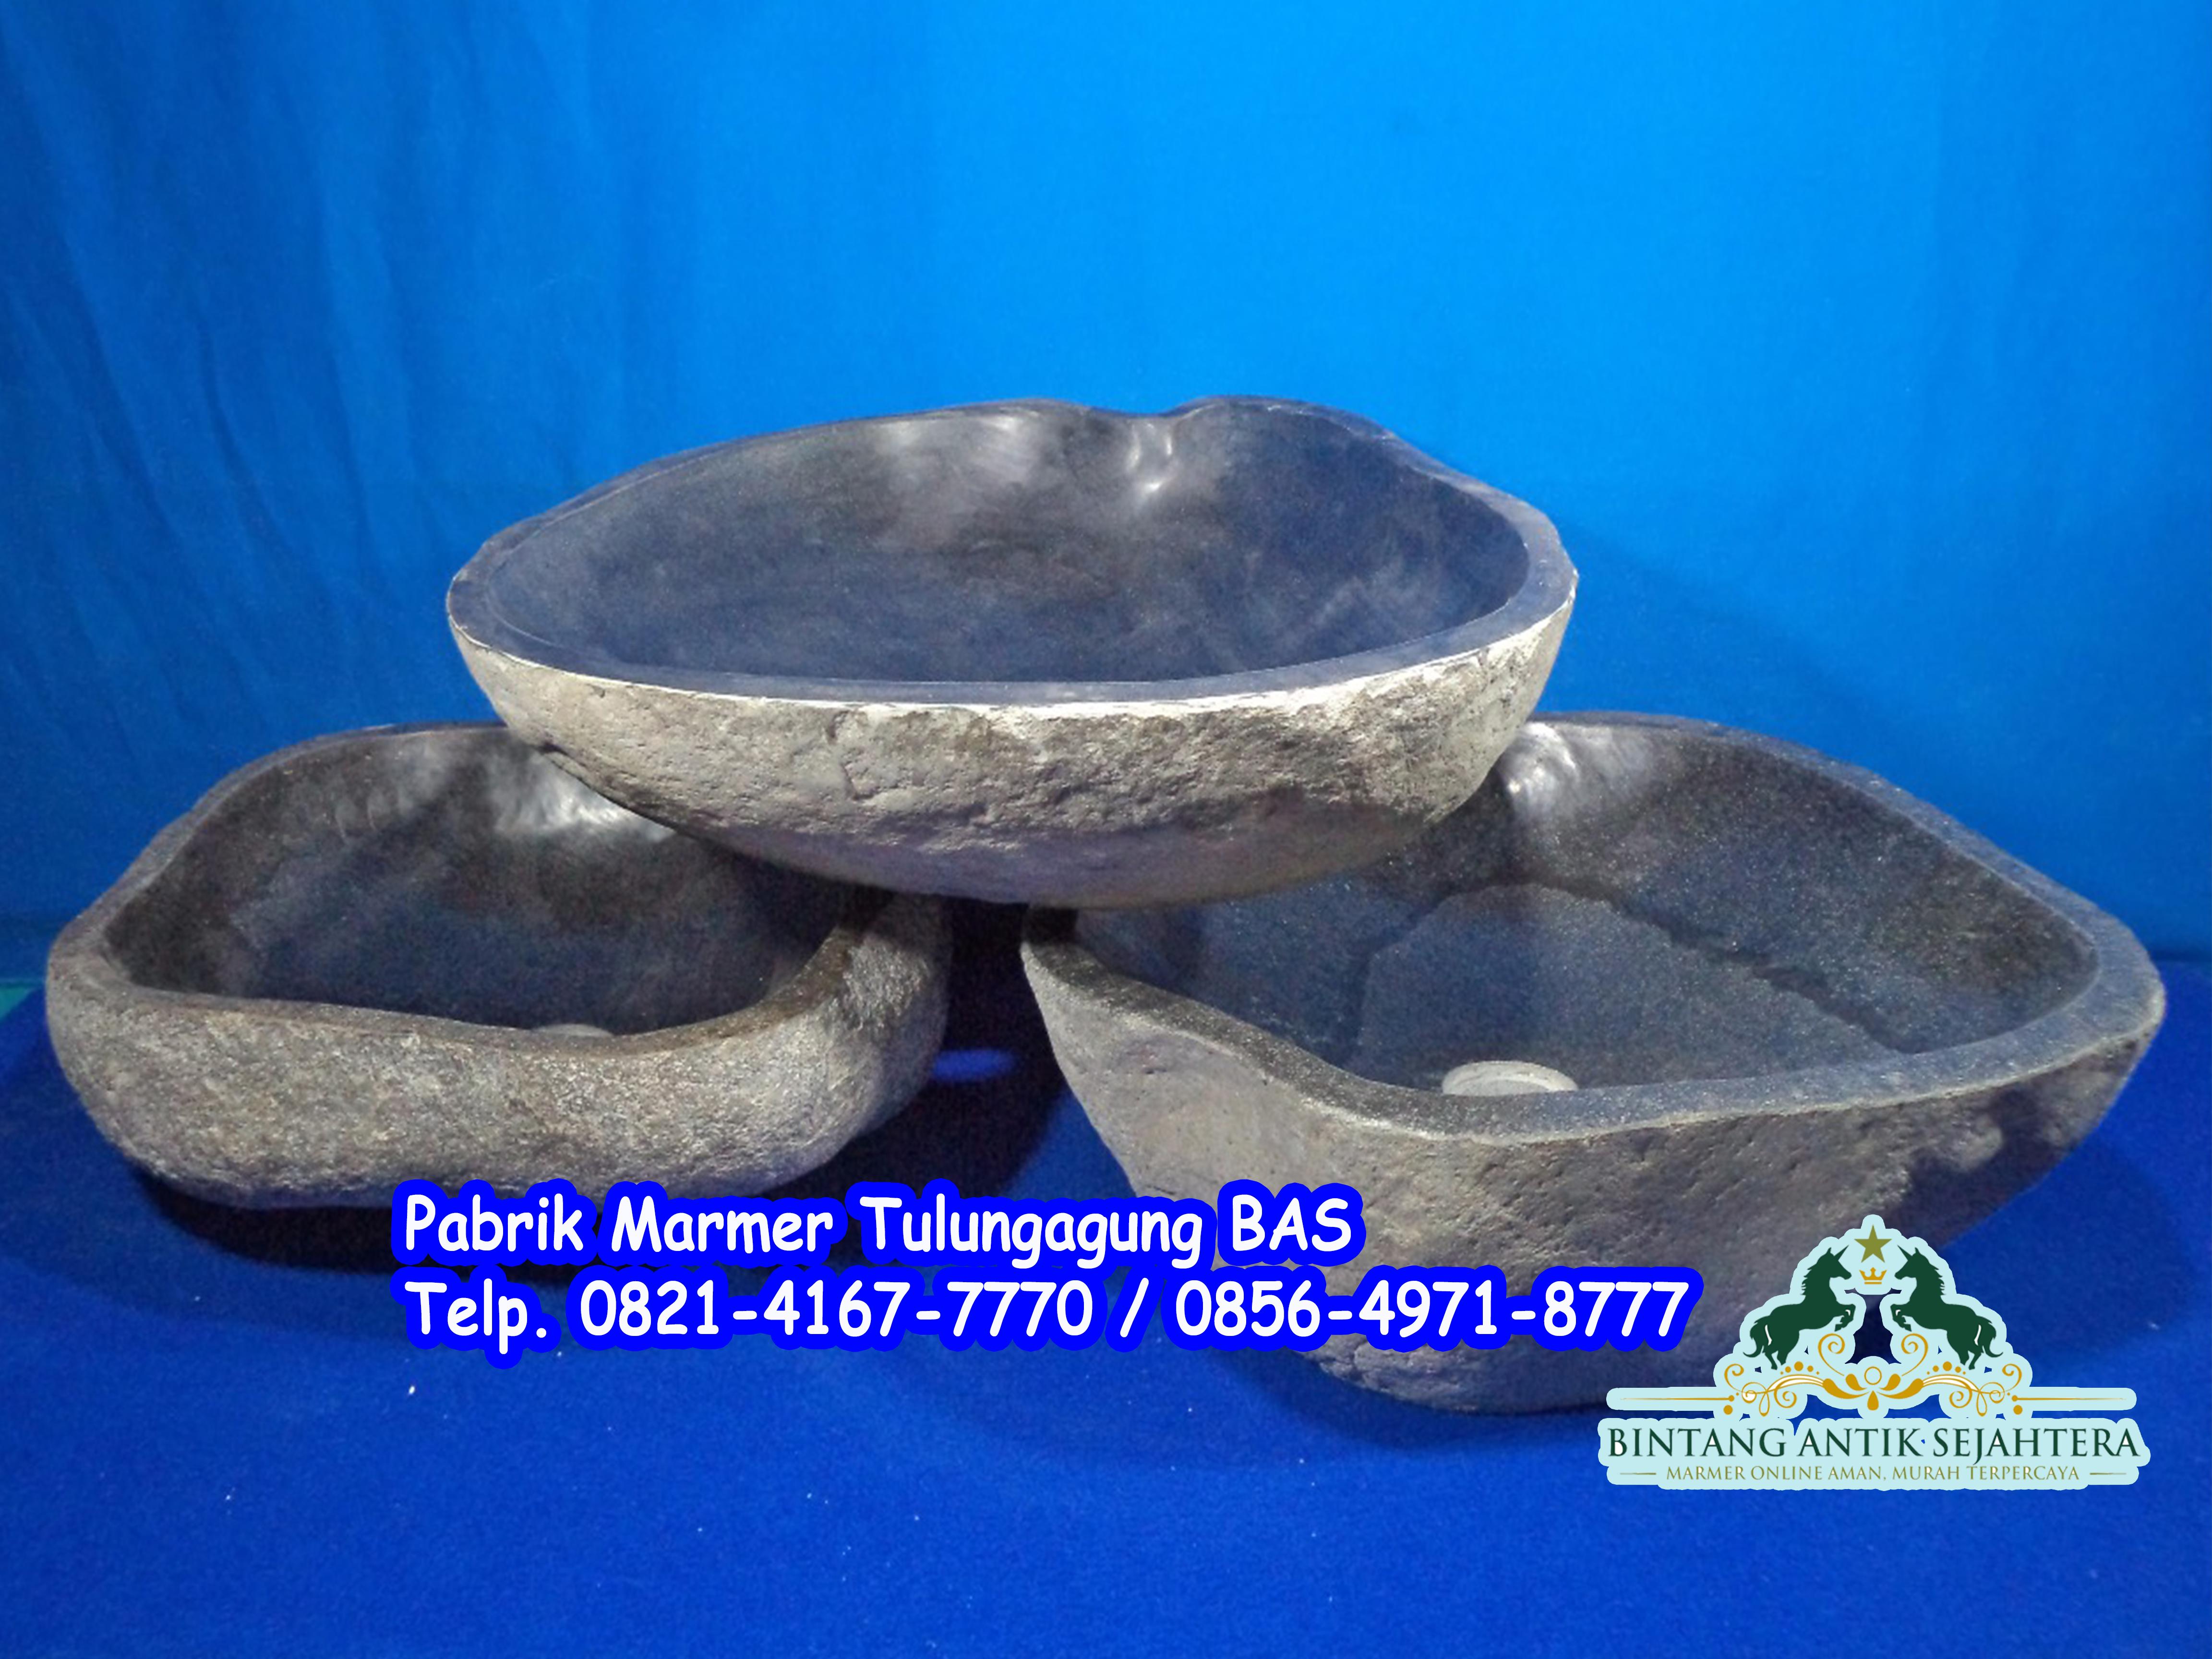 Wastafel Batu Kali, Jual Wastafel Batu Alam di Jogja